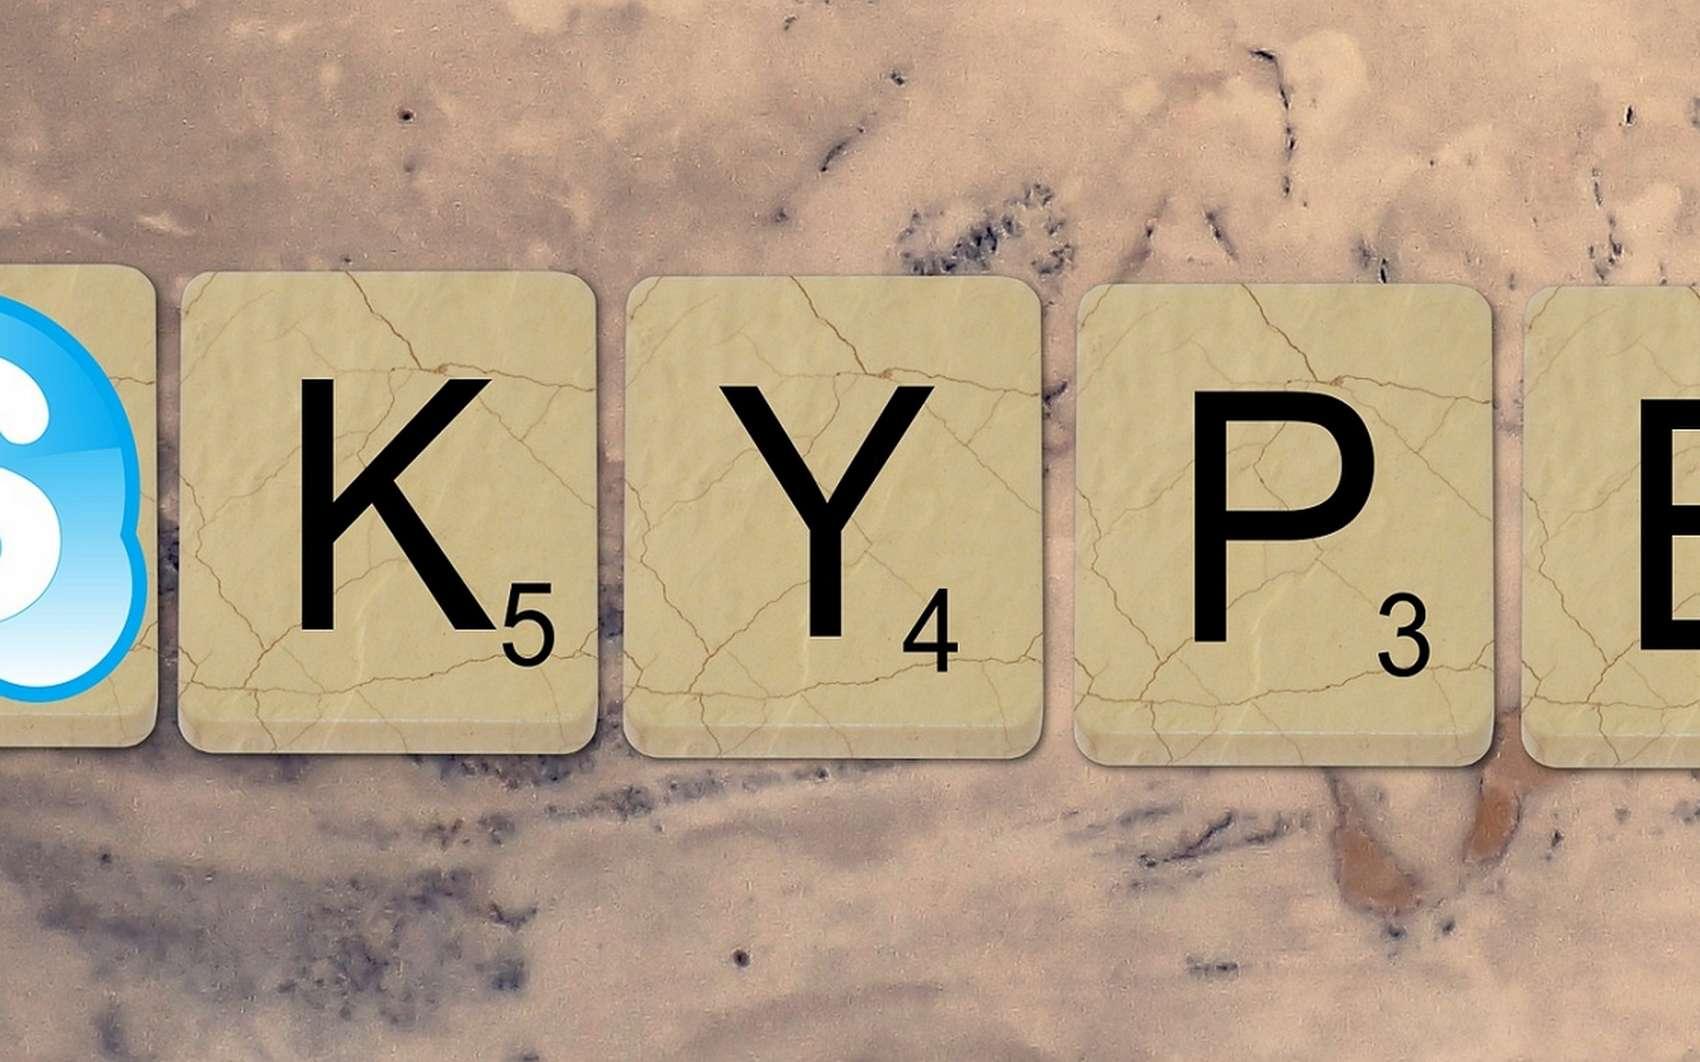 Futura vous explique comment gérer vos téléchargements sur Skype. © Kevin Phillips